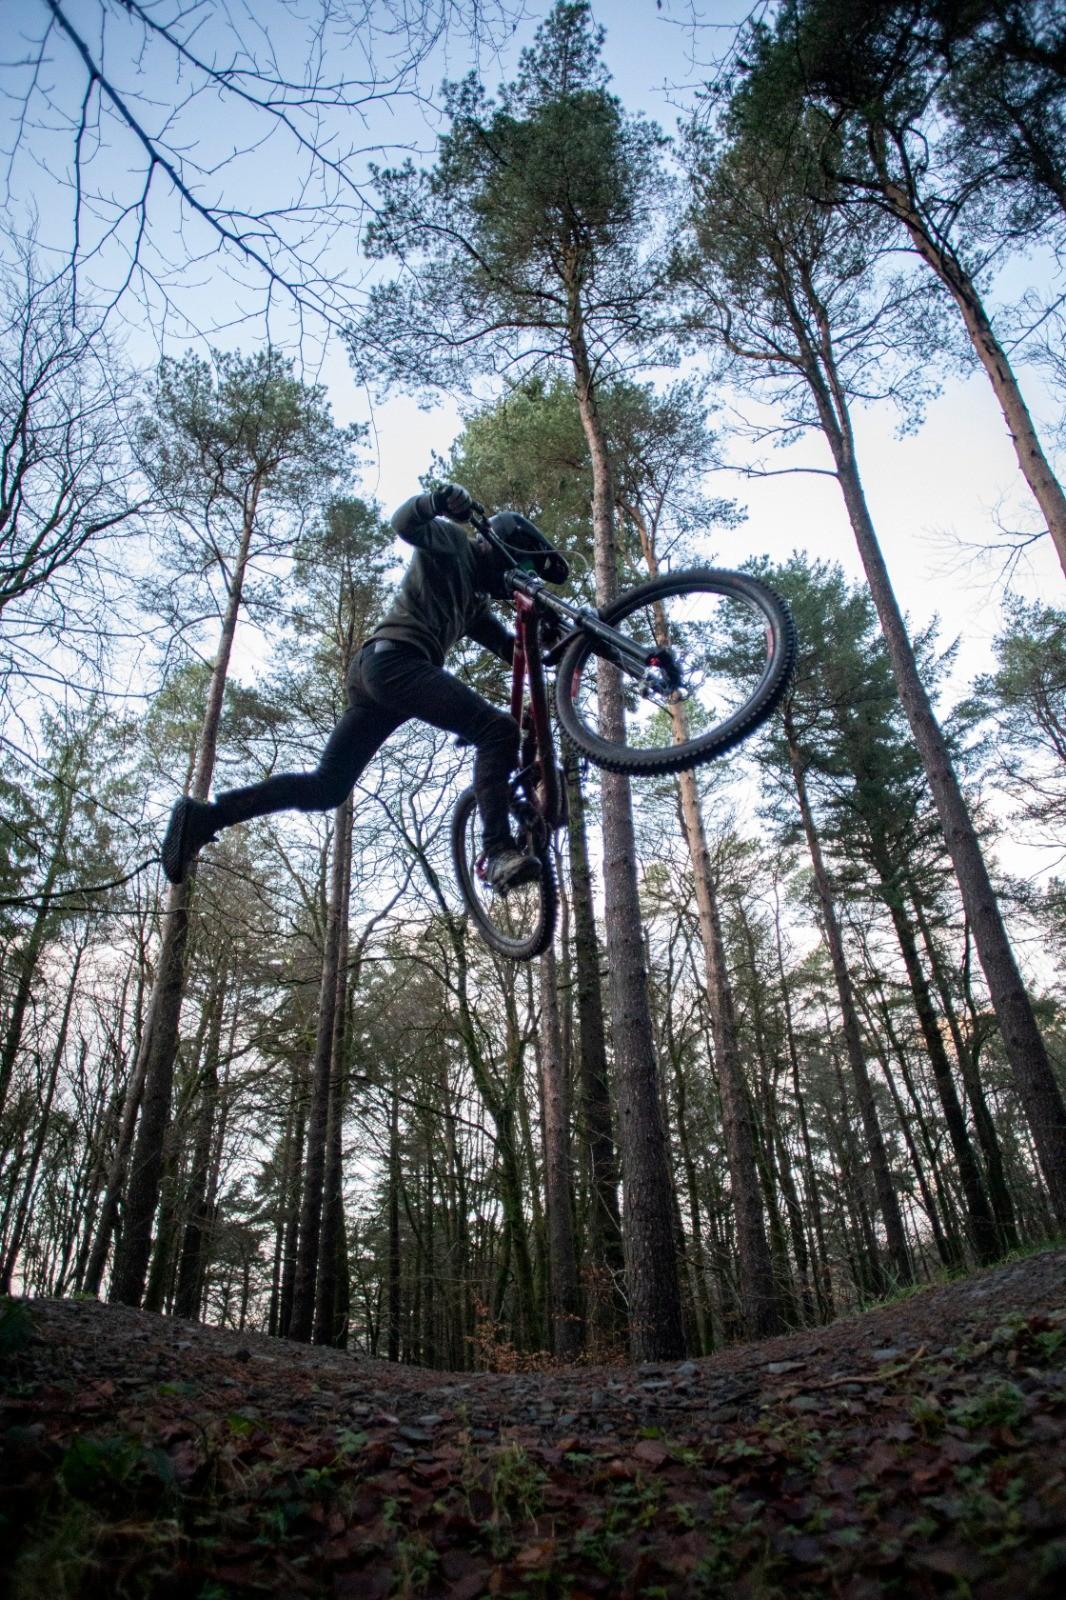 2369E1AF-16E2-41CD-87C2-7068196B0F11 - martin dunn - Mountain Biking Pictures - Vital MTB